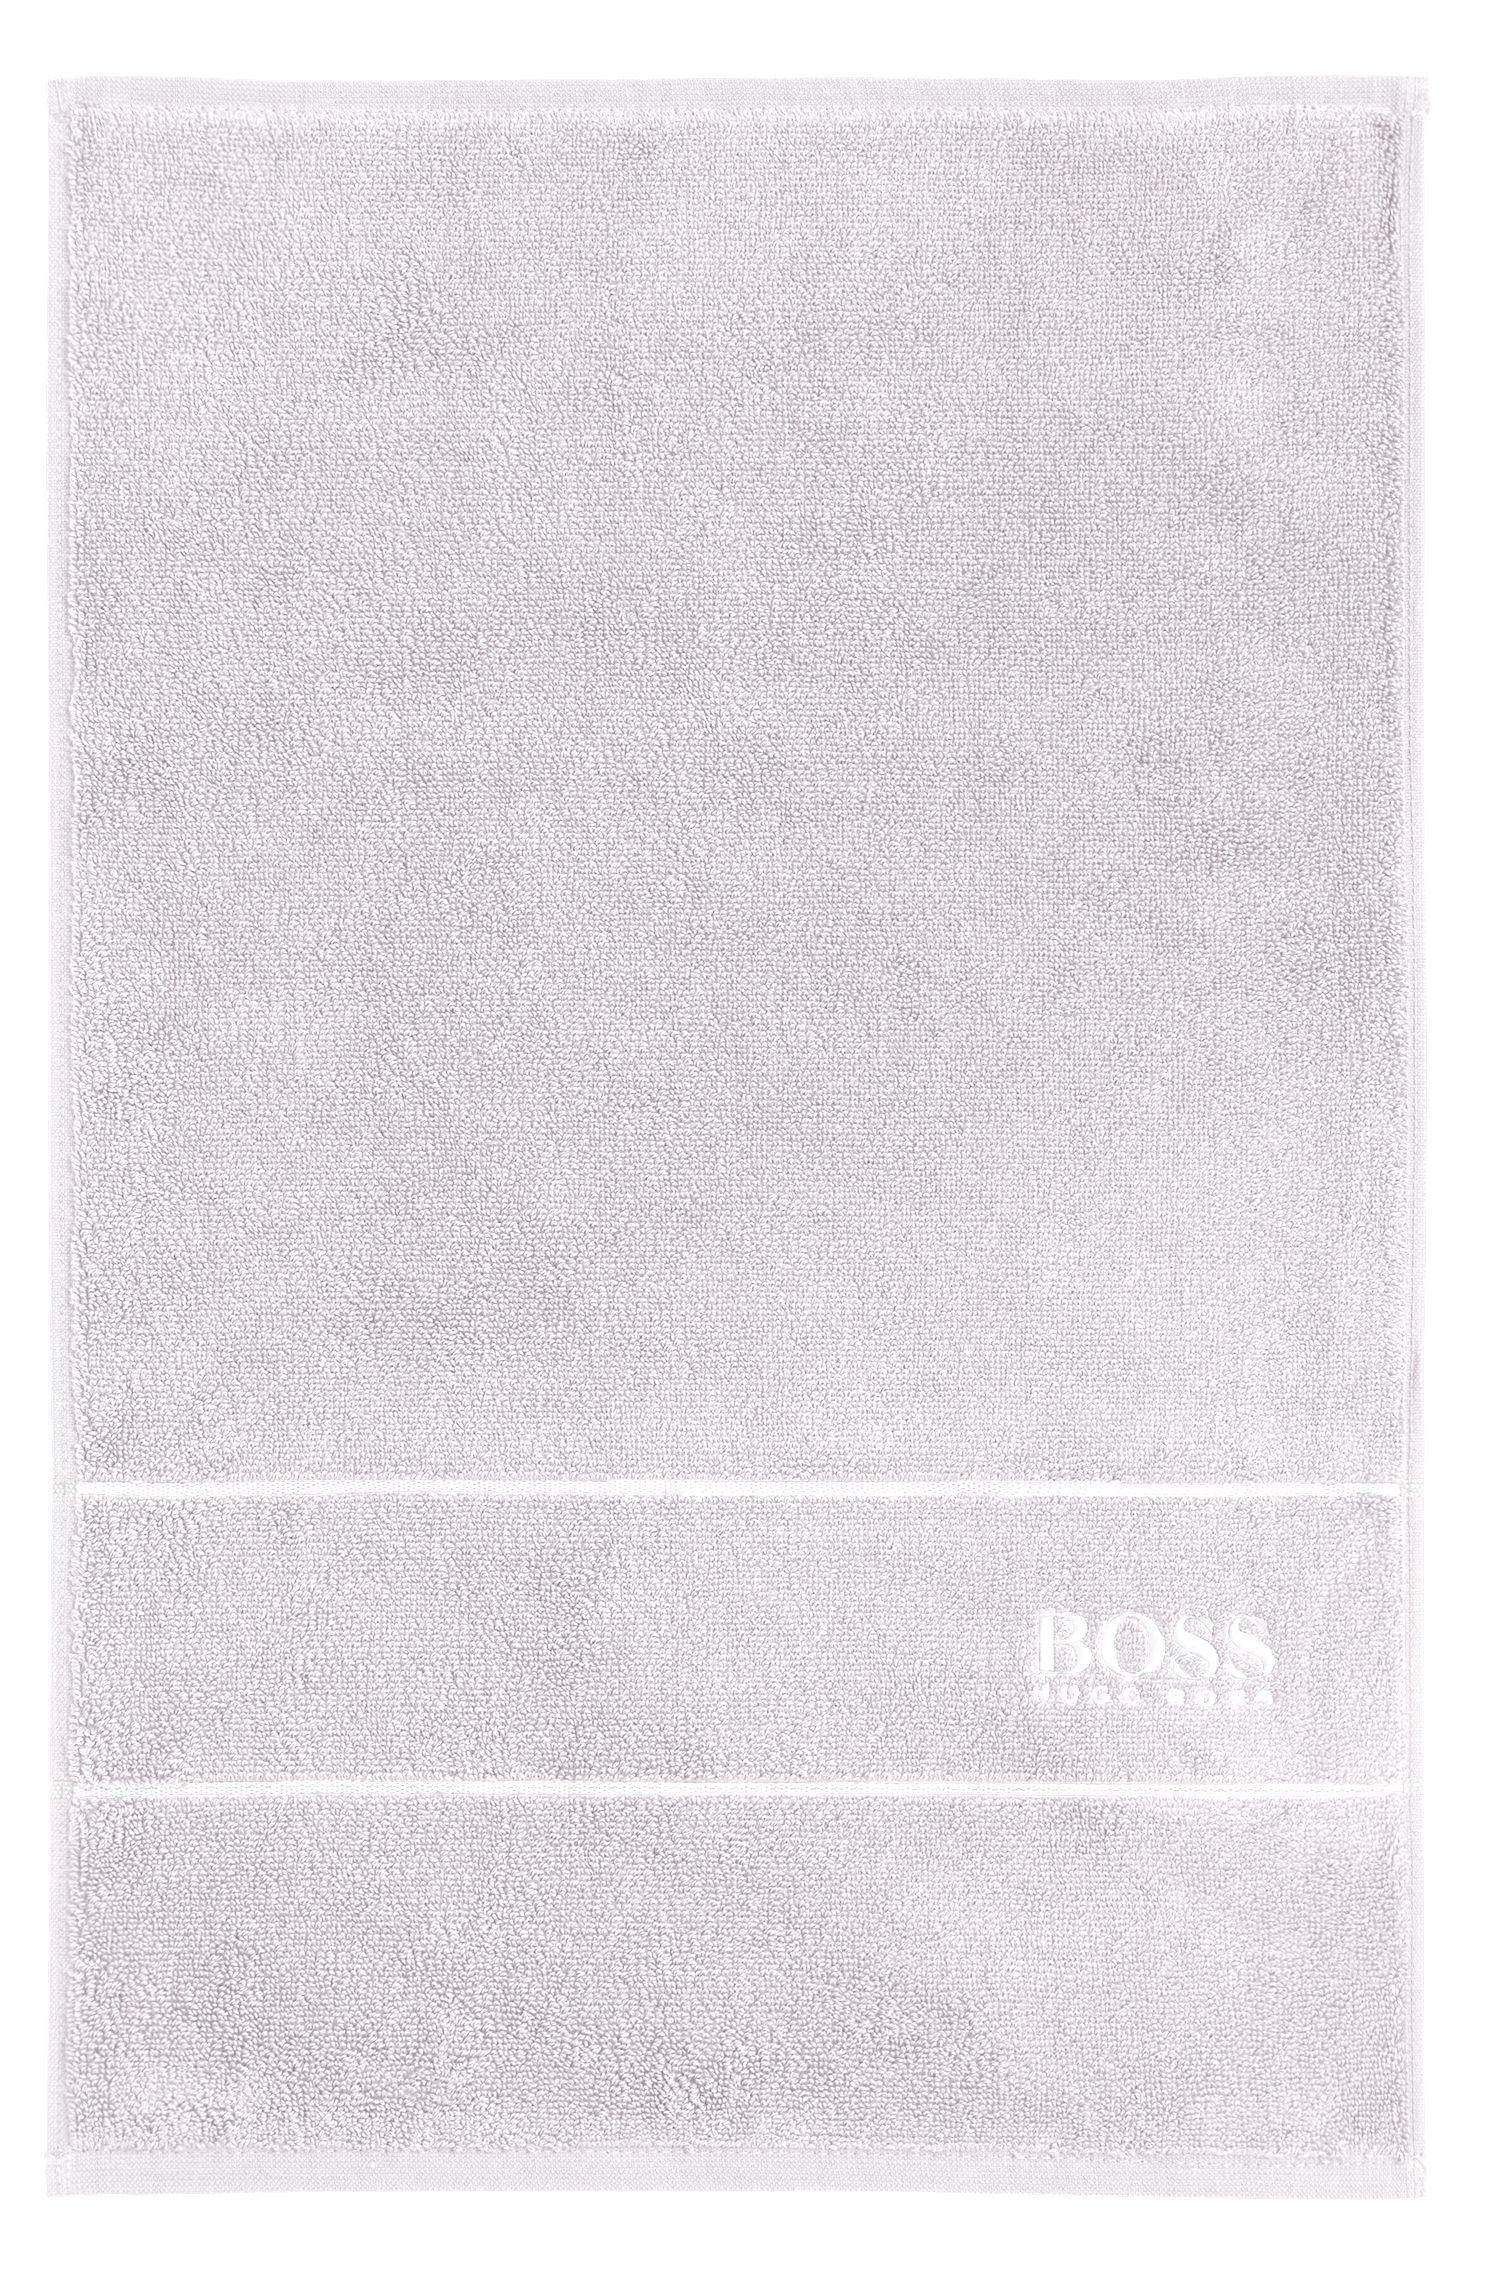 Serviette de toilette pour invité en coton égyptien des plus raffinés avec bordure logo, Argent